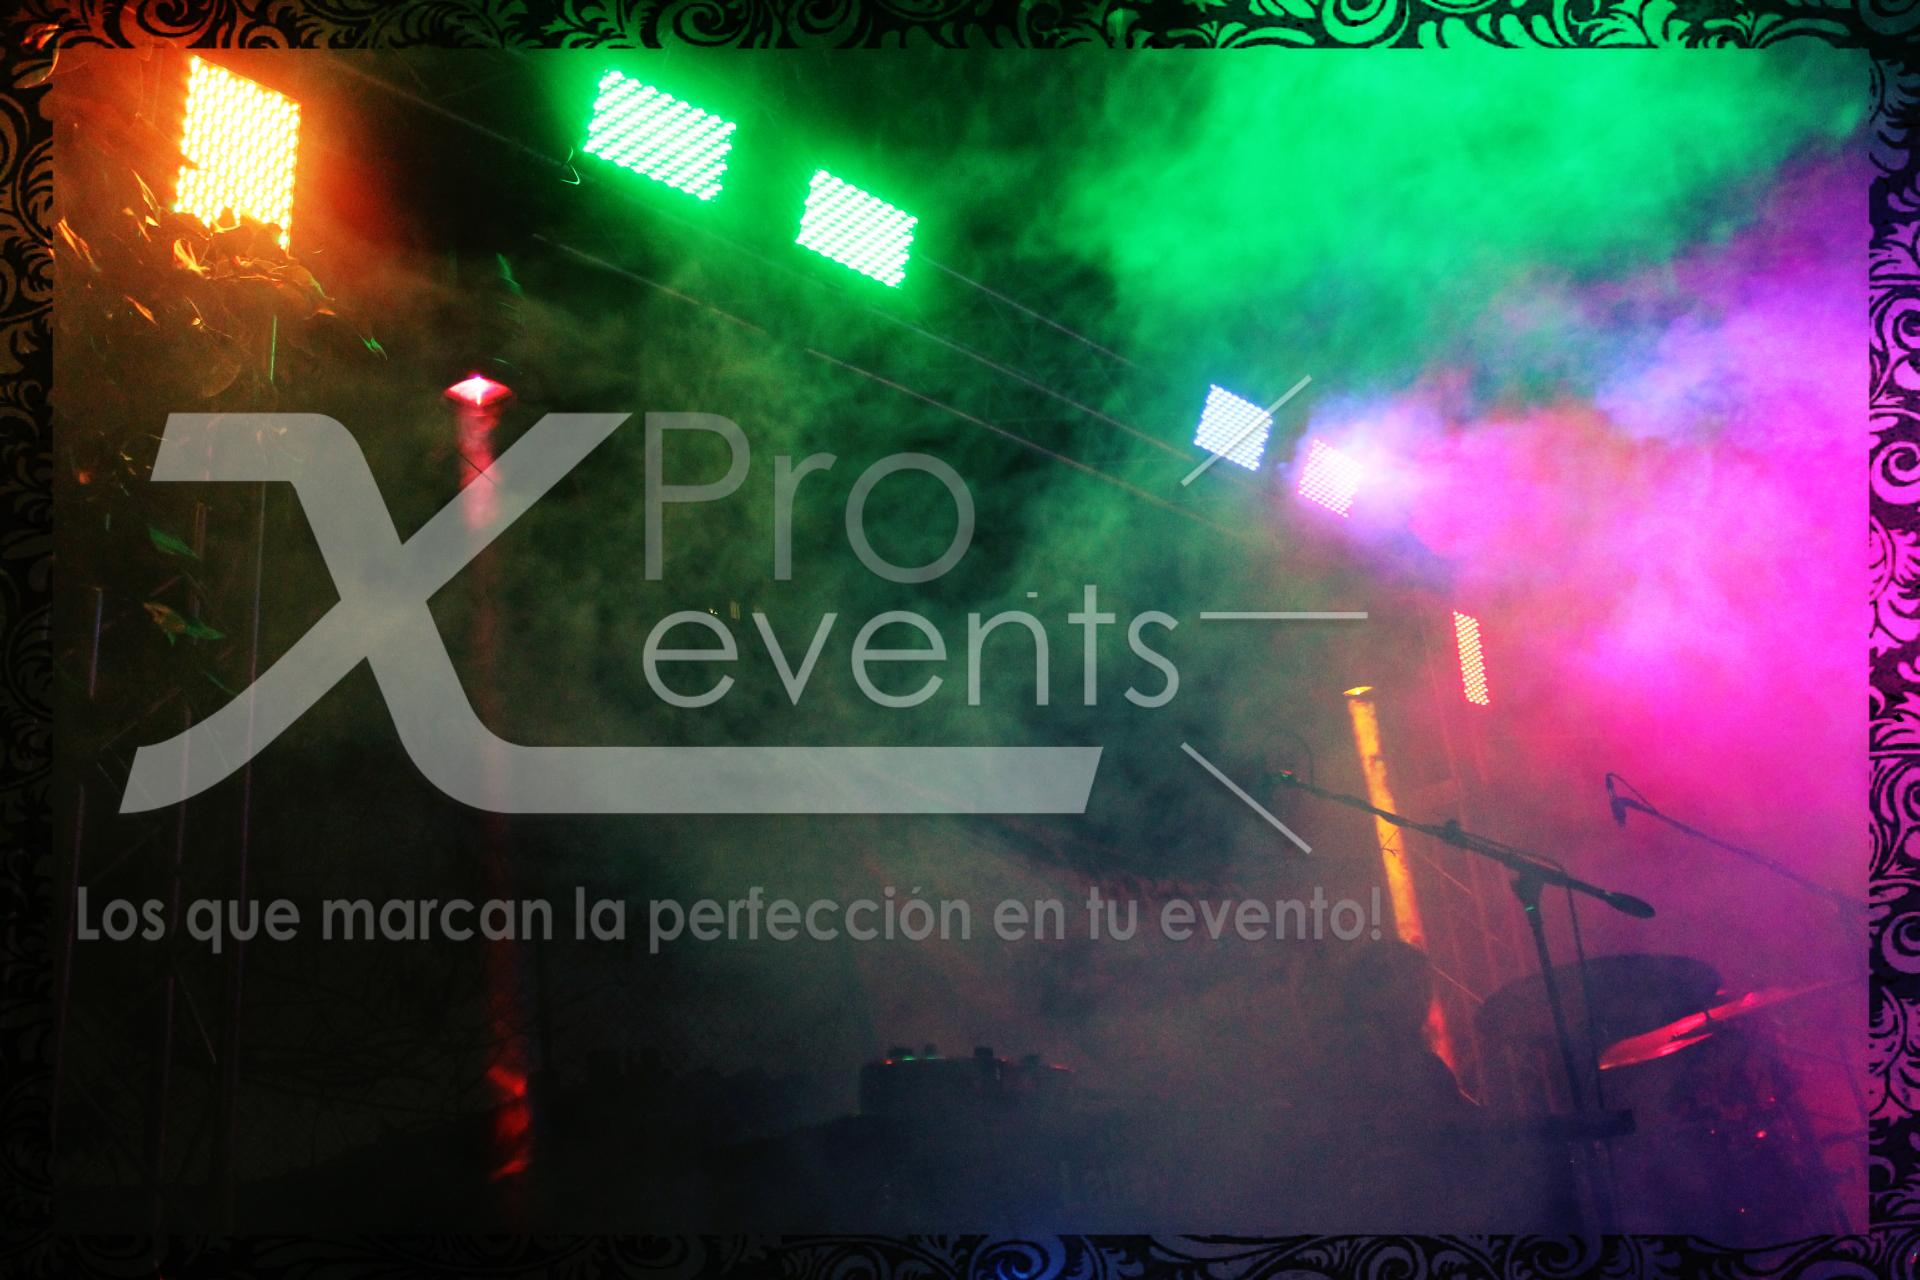 www.Xproevents.com - Servicios para conciertos.JPG